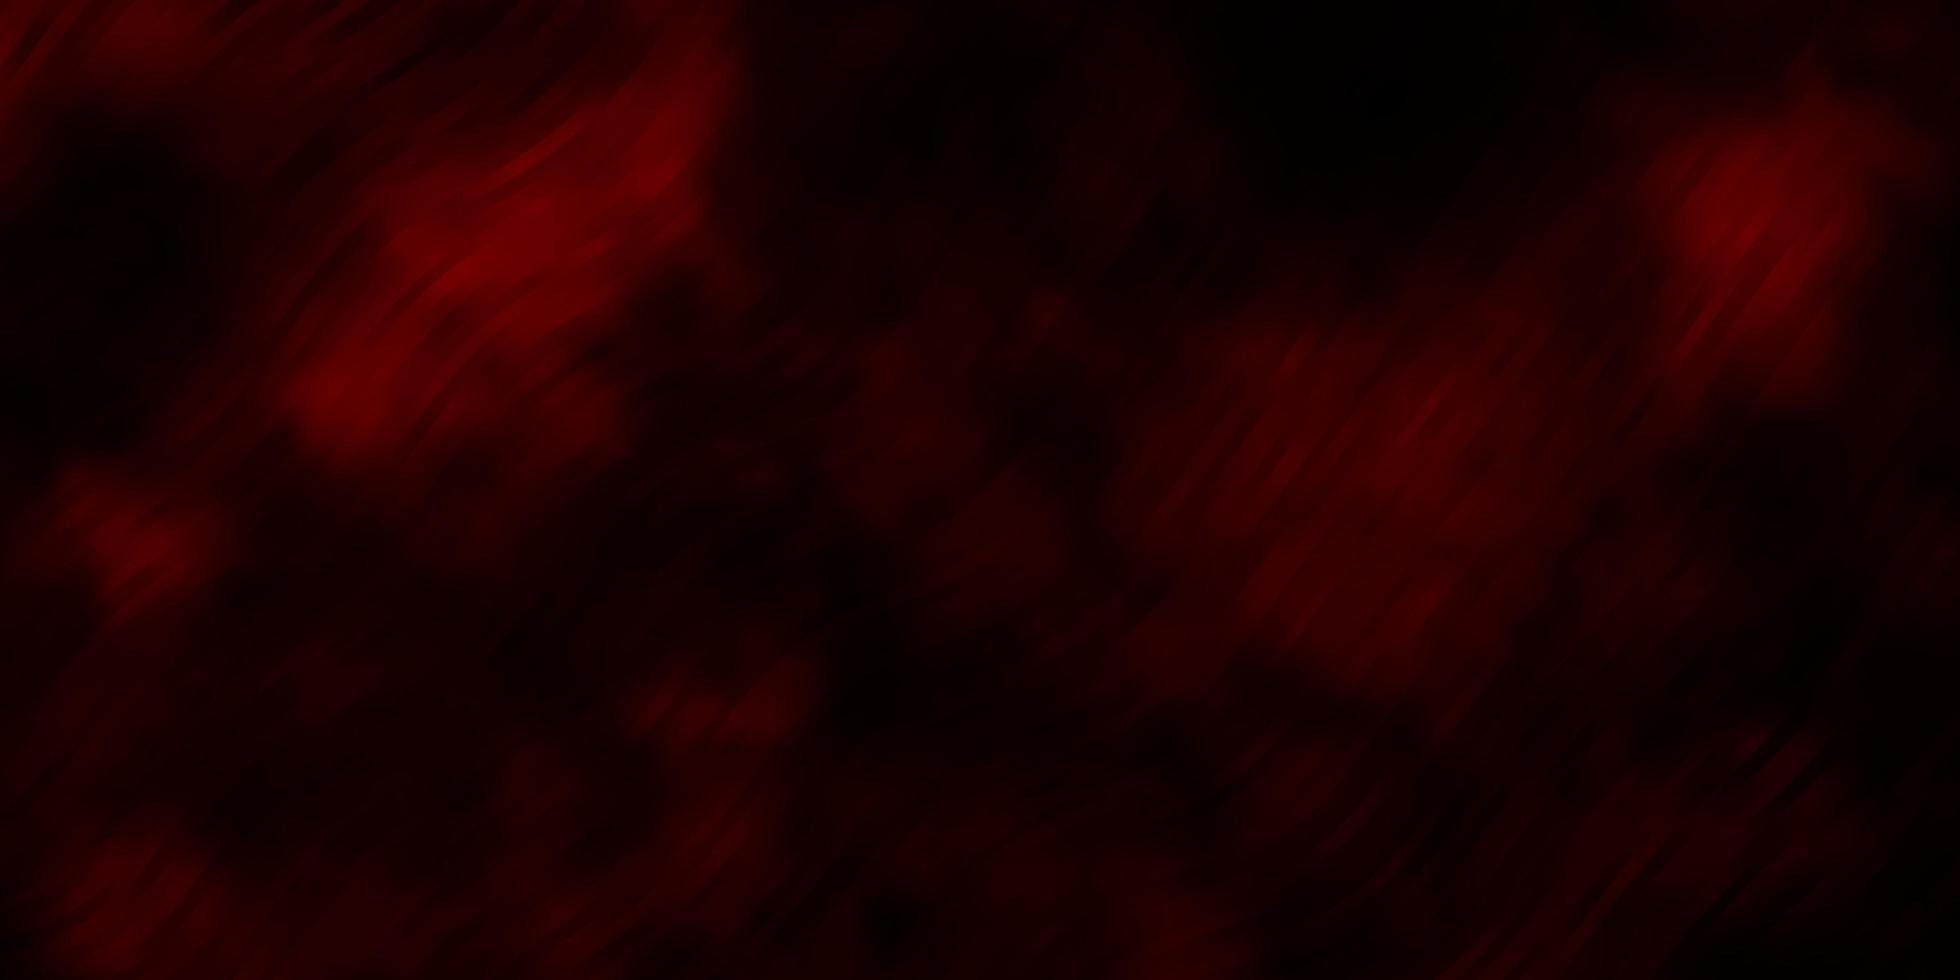 Diseño vectorial rojo oscuro con arco circular. vector